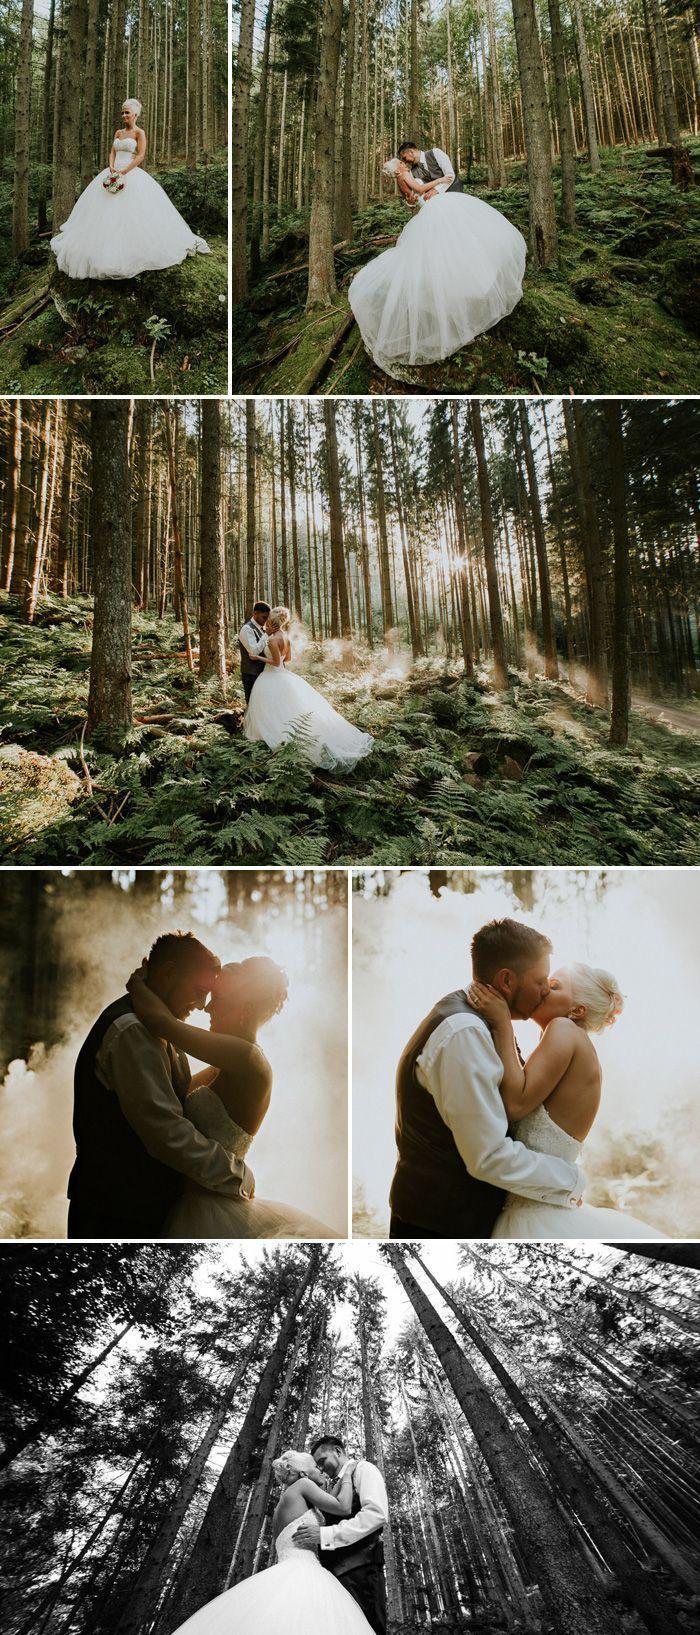 Geniale Tipps & Ideen für euer perfektes After Wedding Shooting - von abenteuer... - Wedding Fotoshooting